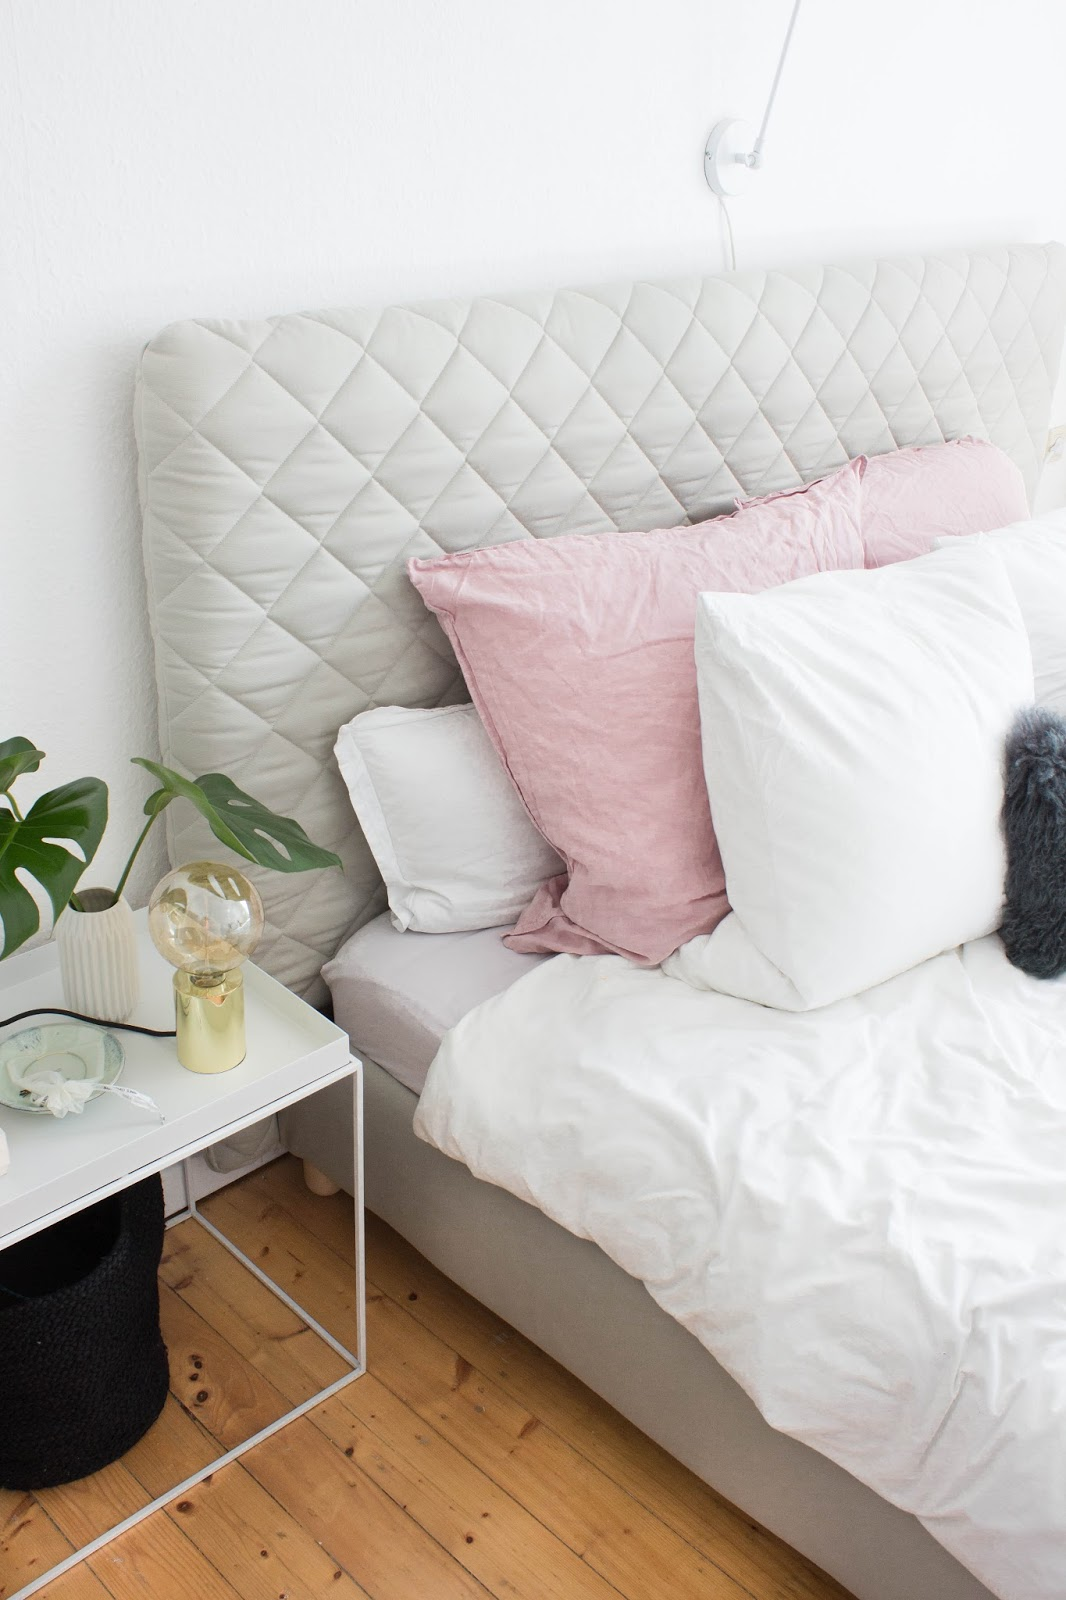 Einblick ins neue Mini-Schlafzimmer | Maditas Haus | Lifestyle und ...